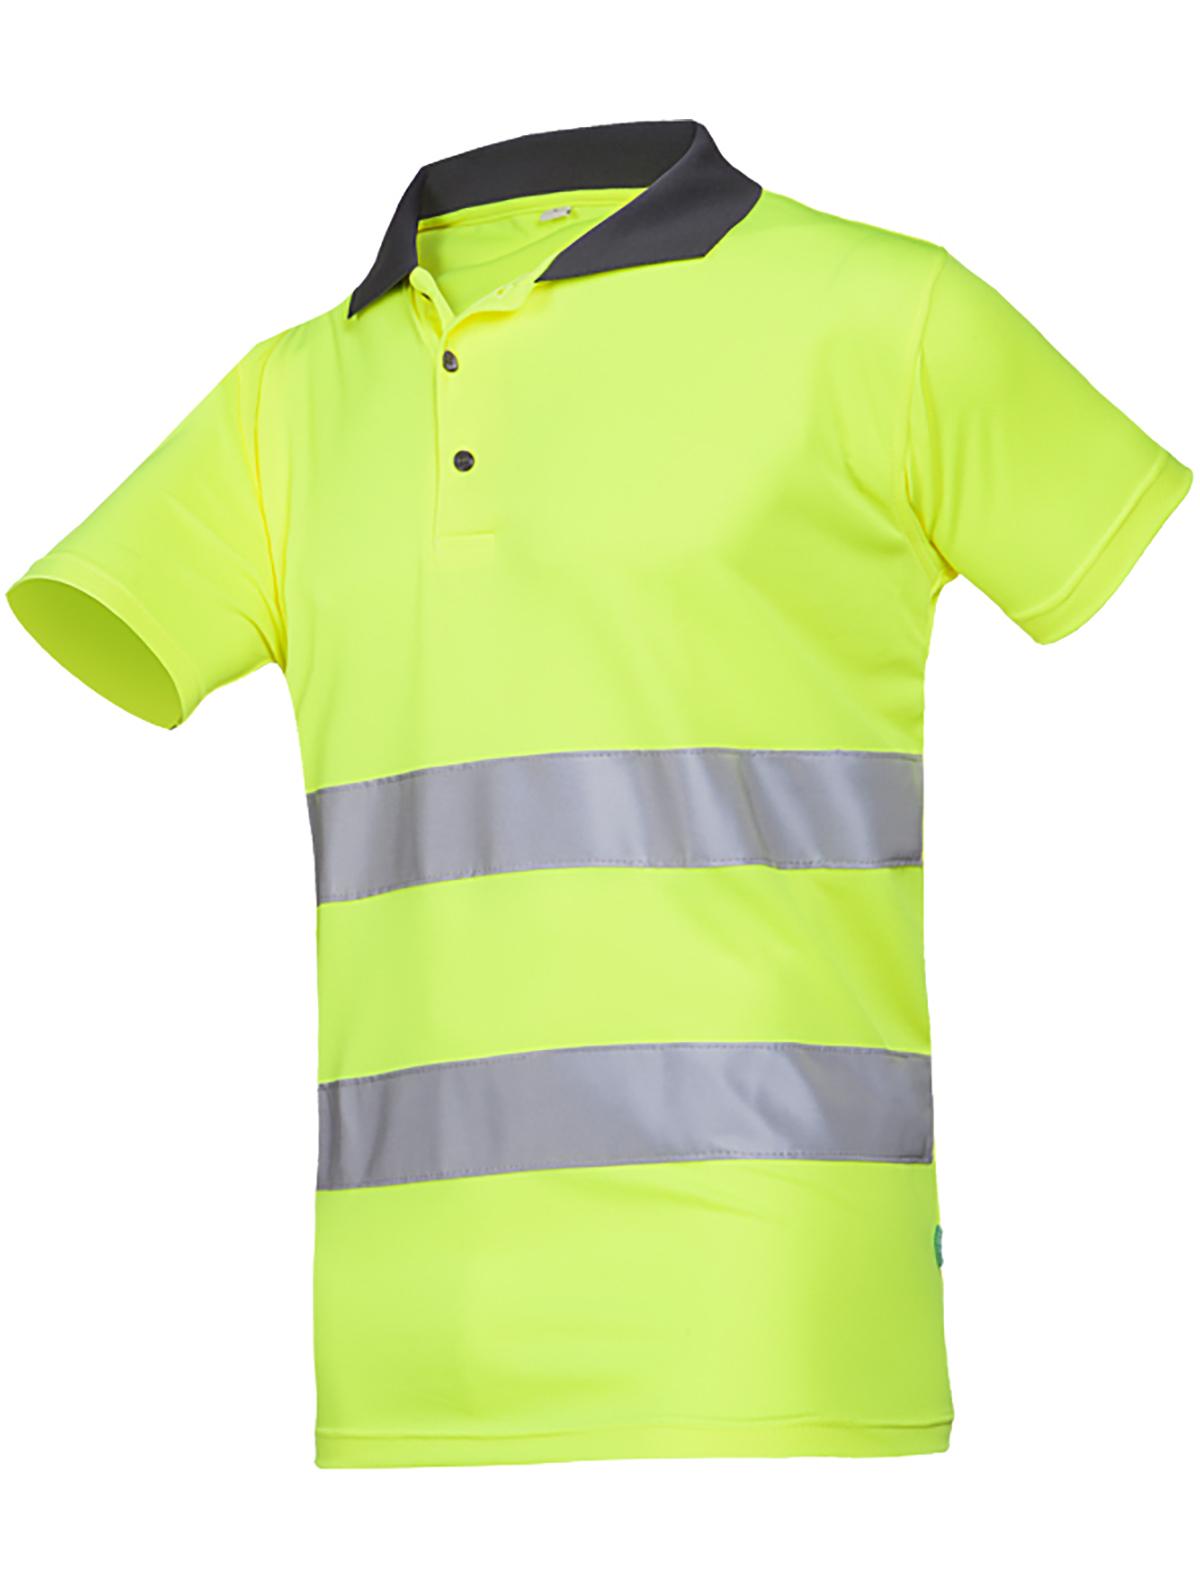 Poloshirt Irola basic